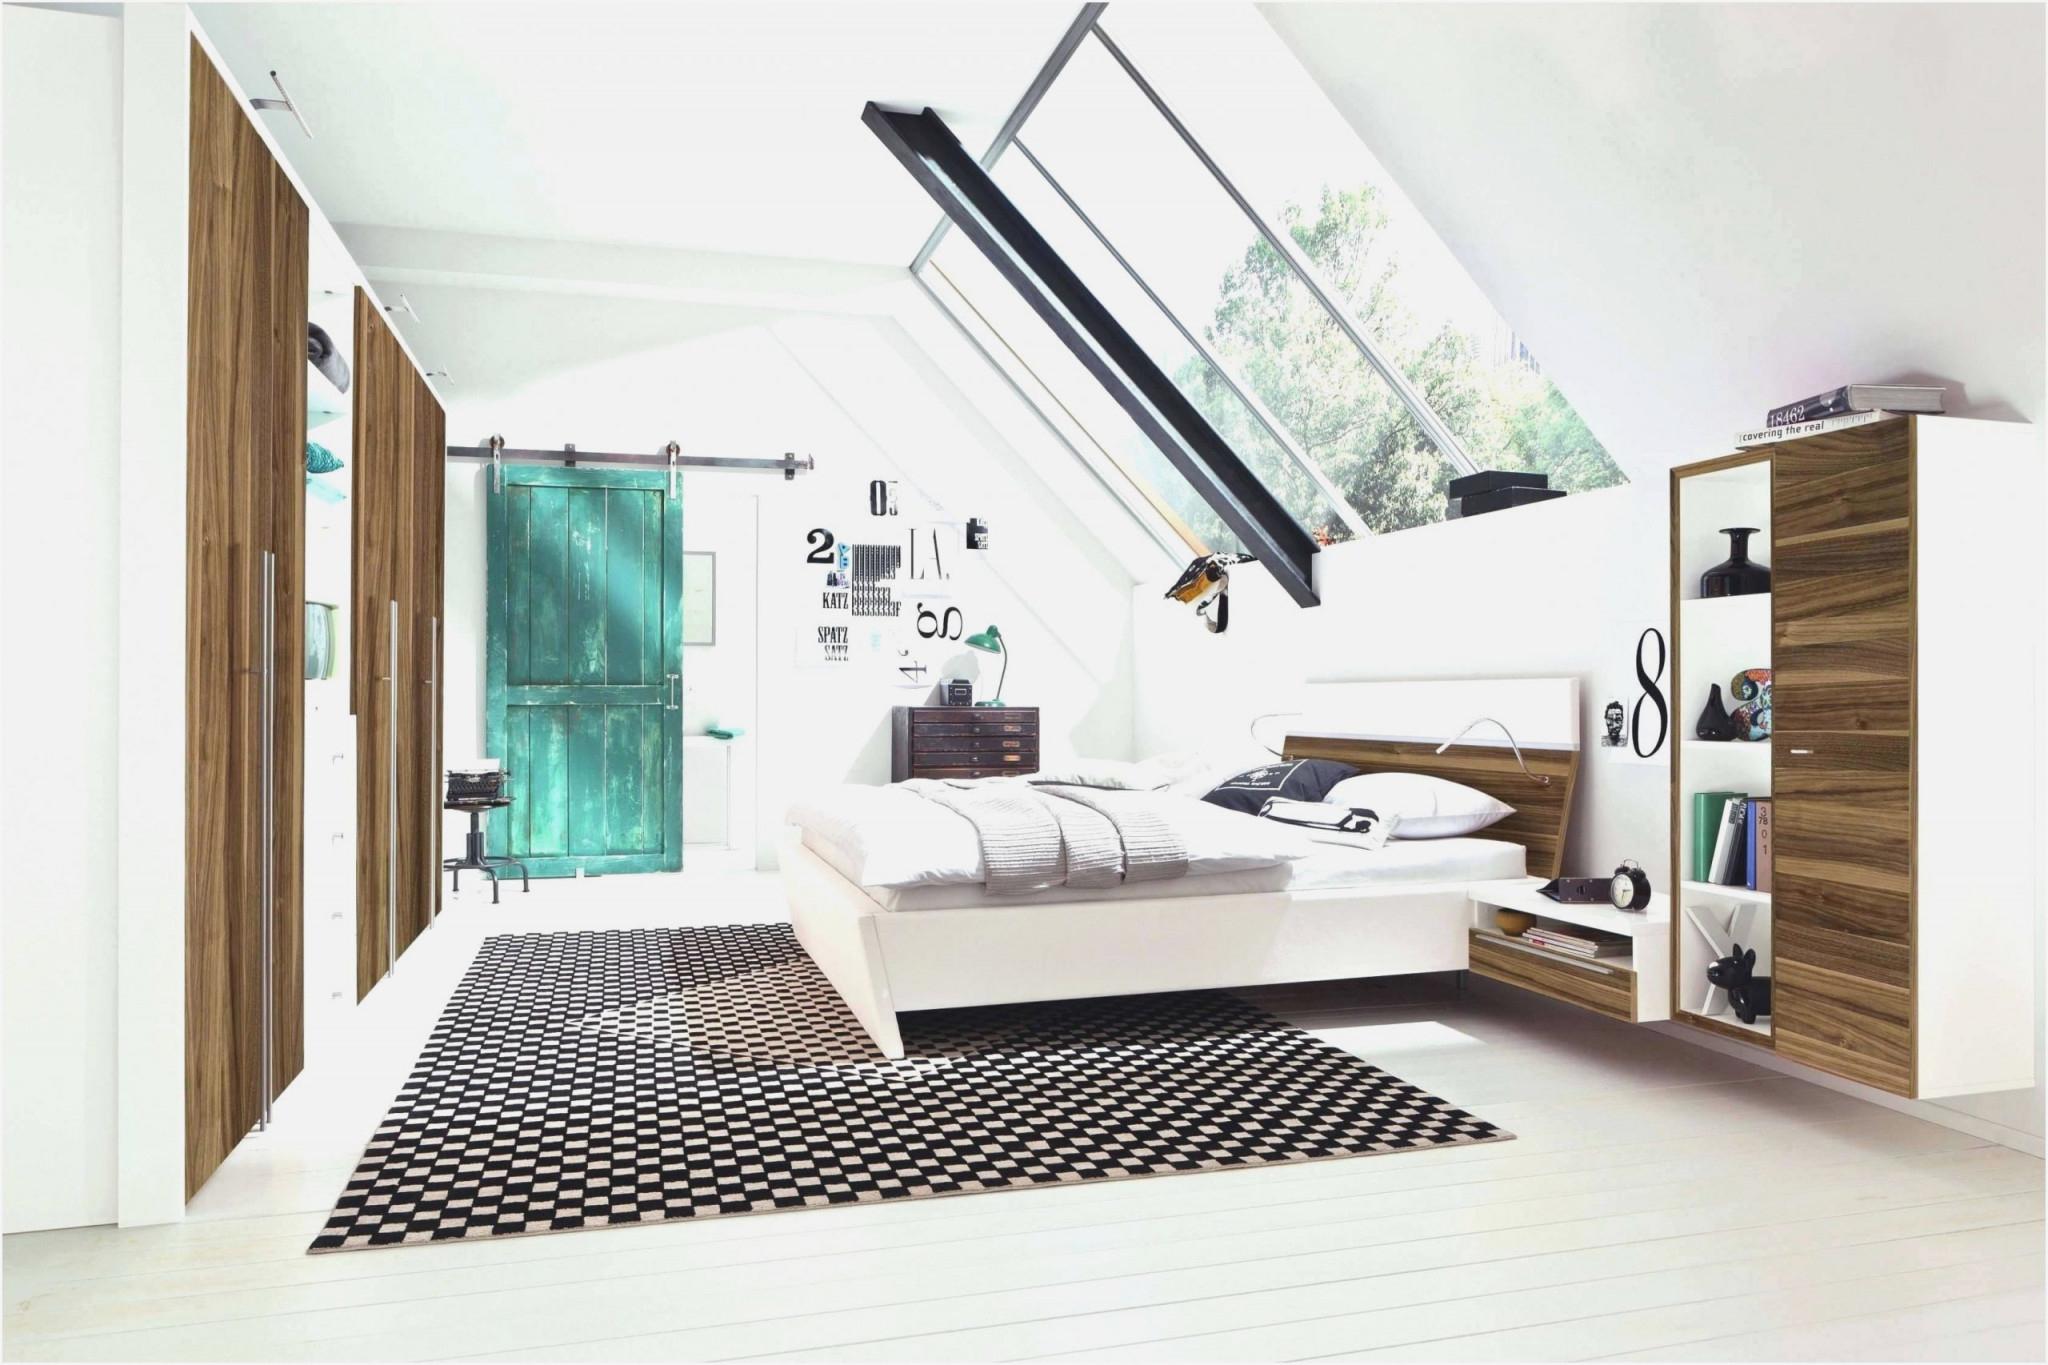 Dachboden Wohnzimmer Ideen  Wohnzimmer  Traumhaus von Dachboden Wohnzimmer Ideen Photo